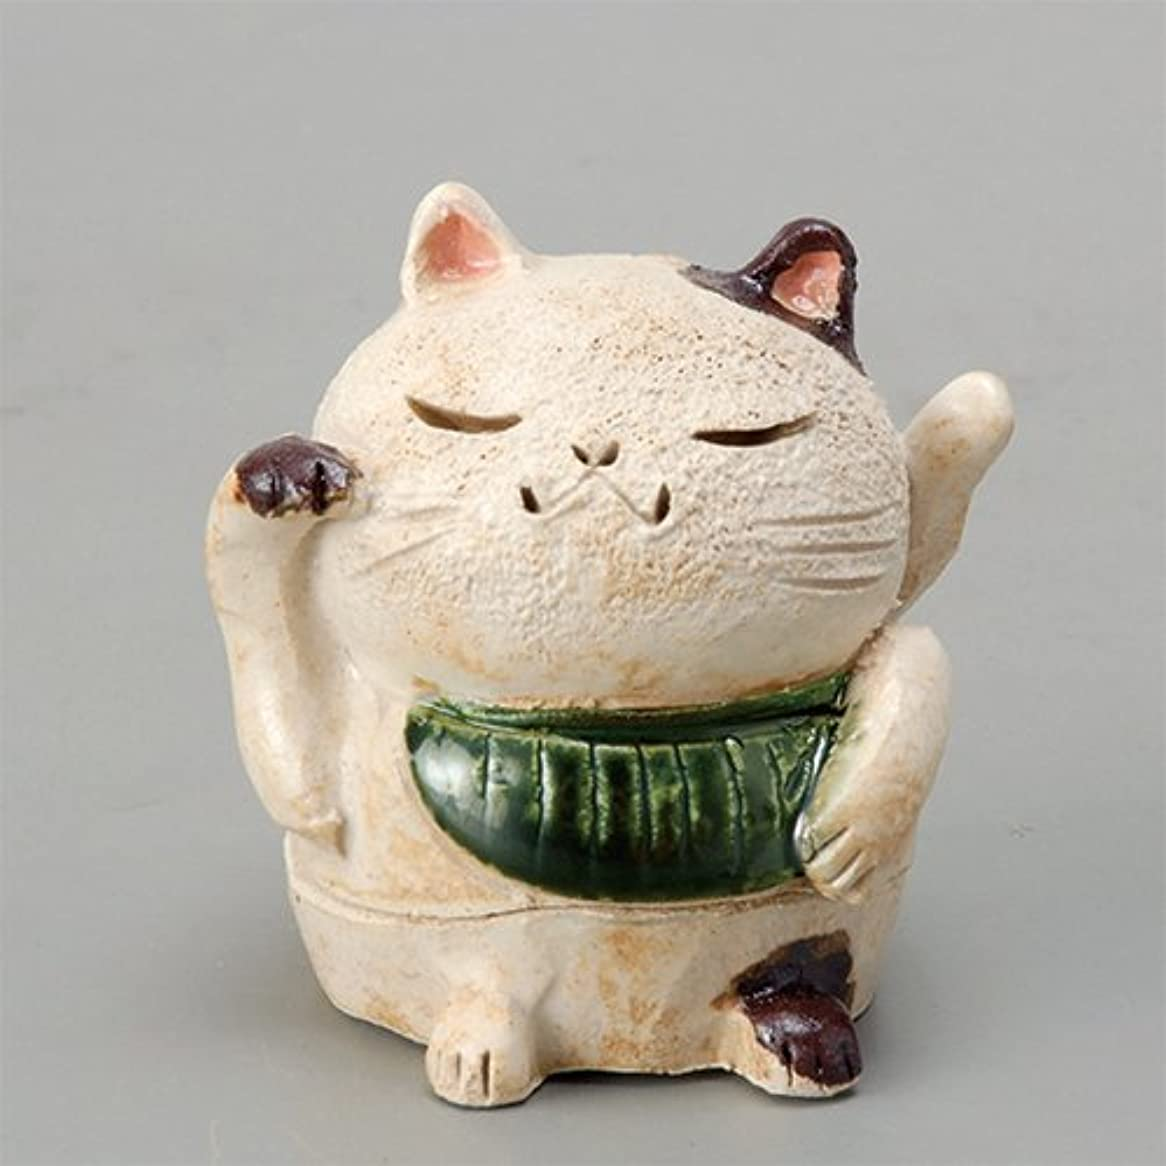 せがむ疾患ナラーバー香炉 白萩 招き猫(お金)香炉(小) [H8cm] HANDMADE プレゼント ギフト 和食器 かわいい インテリア